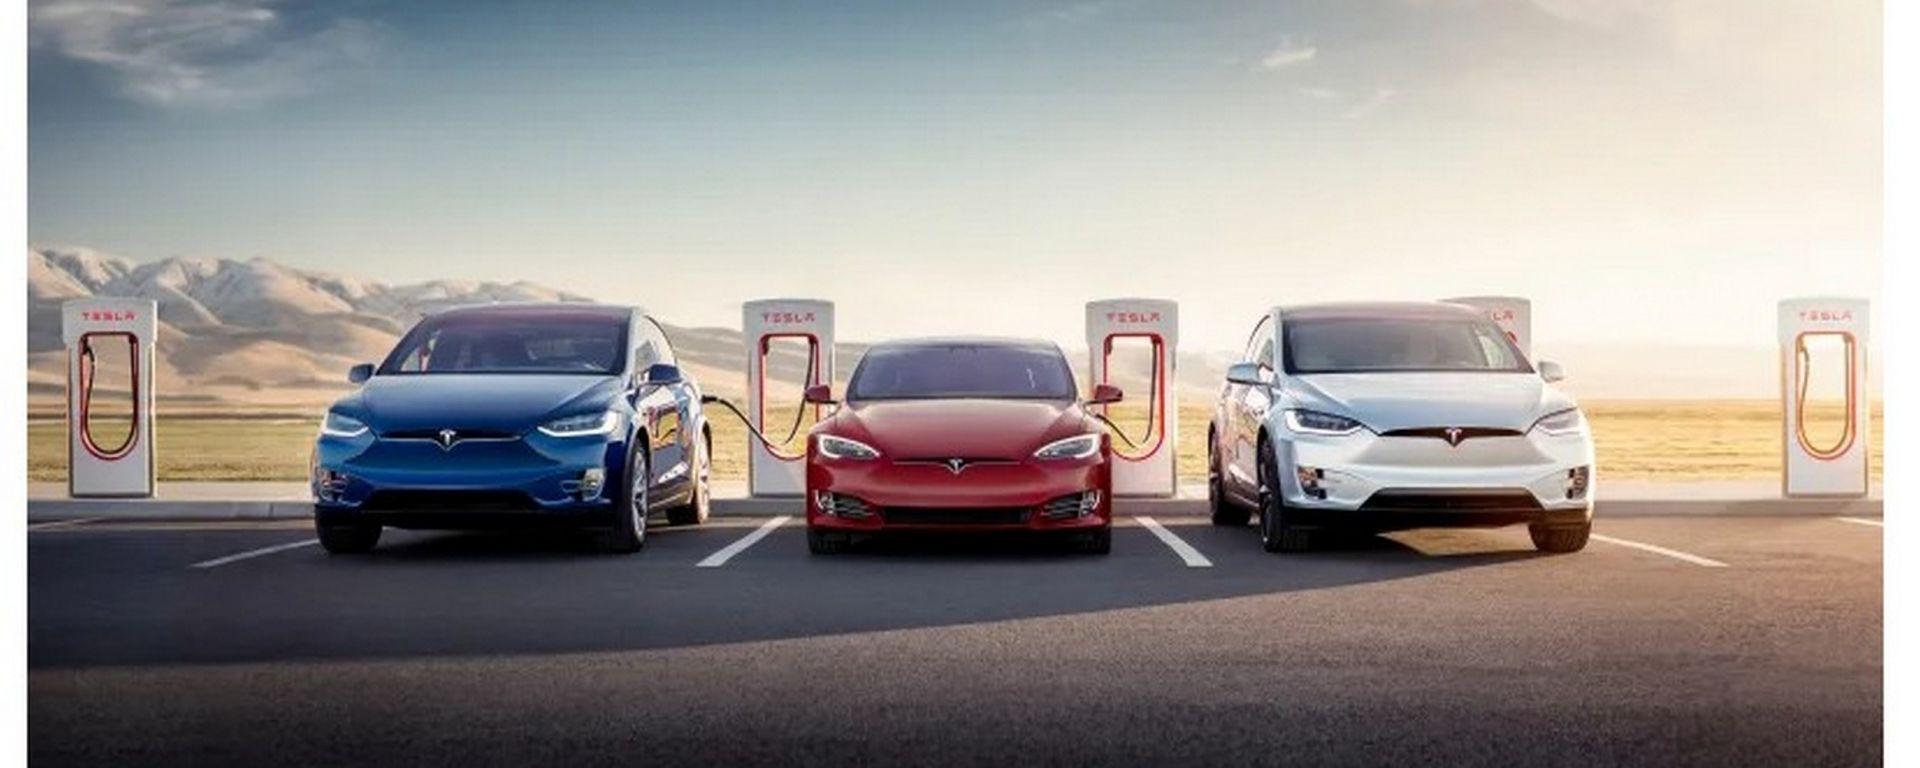 Tesla Supercharger: ricarica gratis per chi compra Model X e Model S